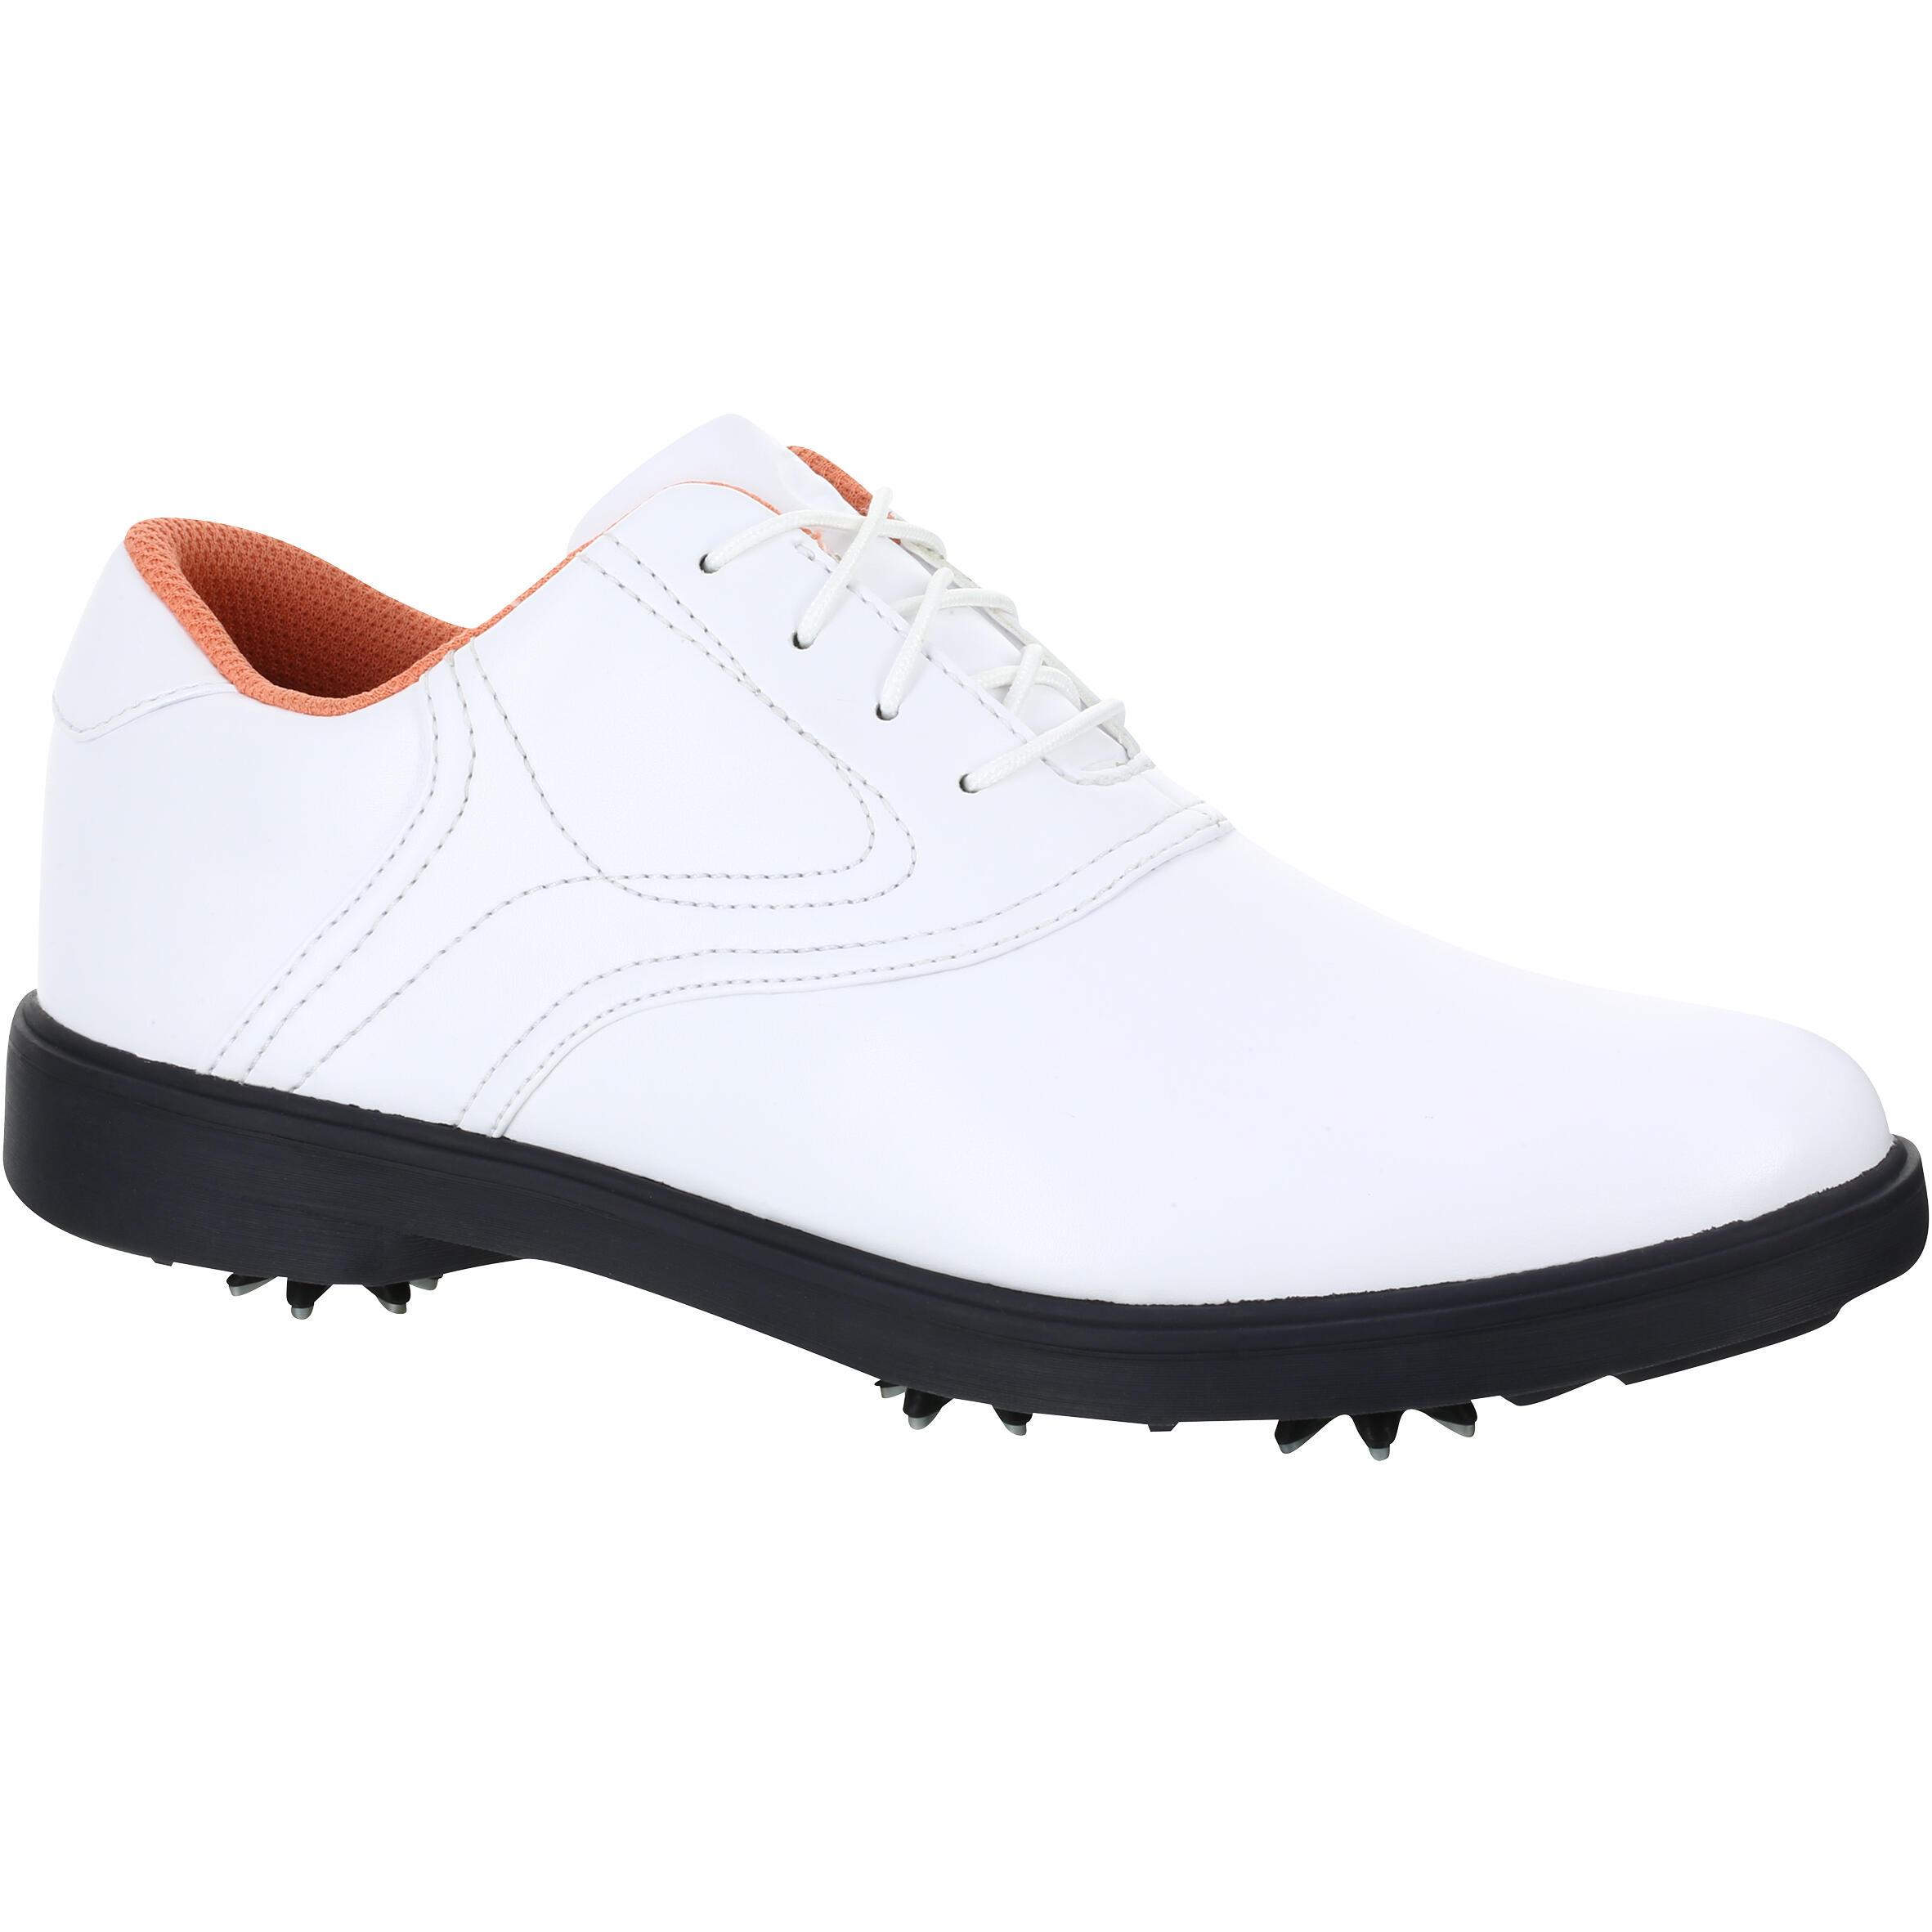 Inesis Golfschoenen Spike 500 voor dames wit